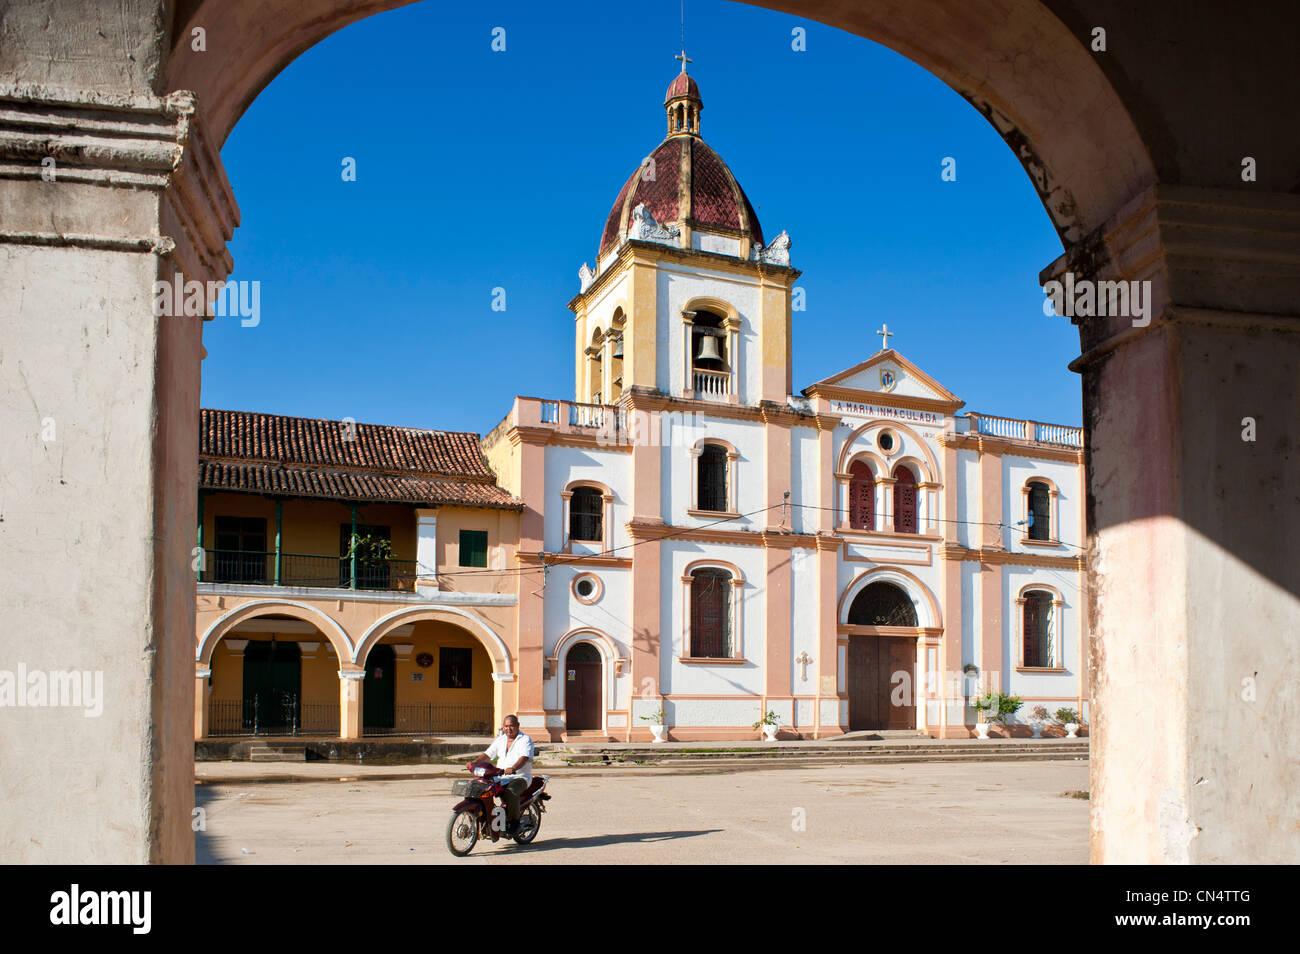 La Colombia, Dipartimento di Bolivar, Mompox (o Mompos), città fondata nel 1540 e sono classificati come patrimonio Immagini Stock